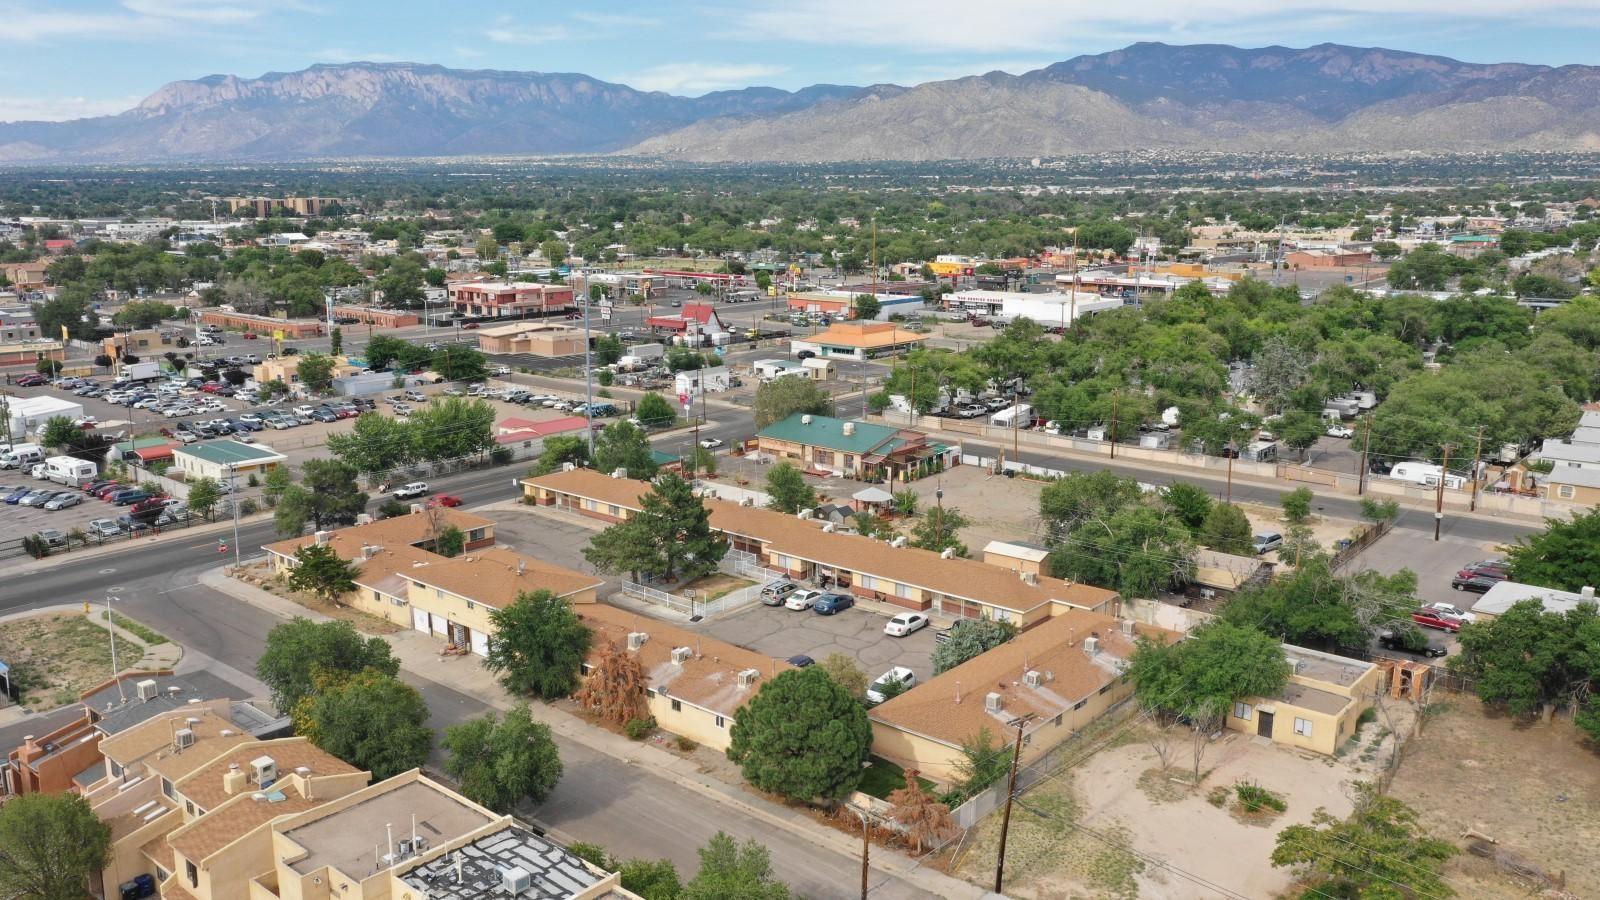 Photo of 8600 Zuni Road SE, Albuquerque, NM 87108 (MLS # 955168)